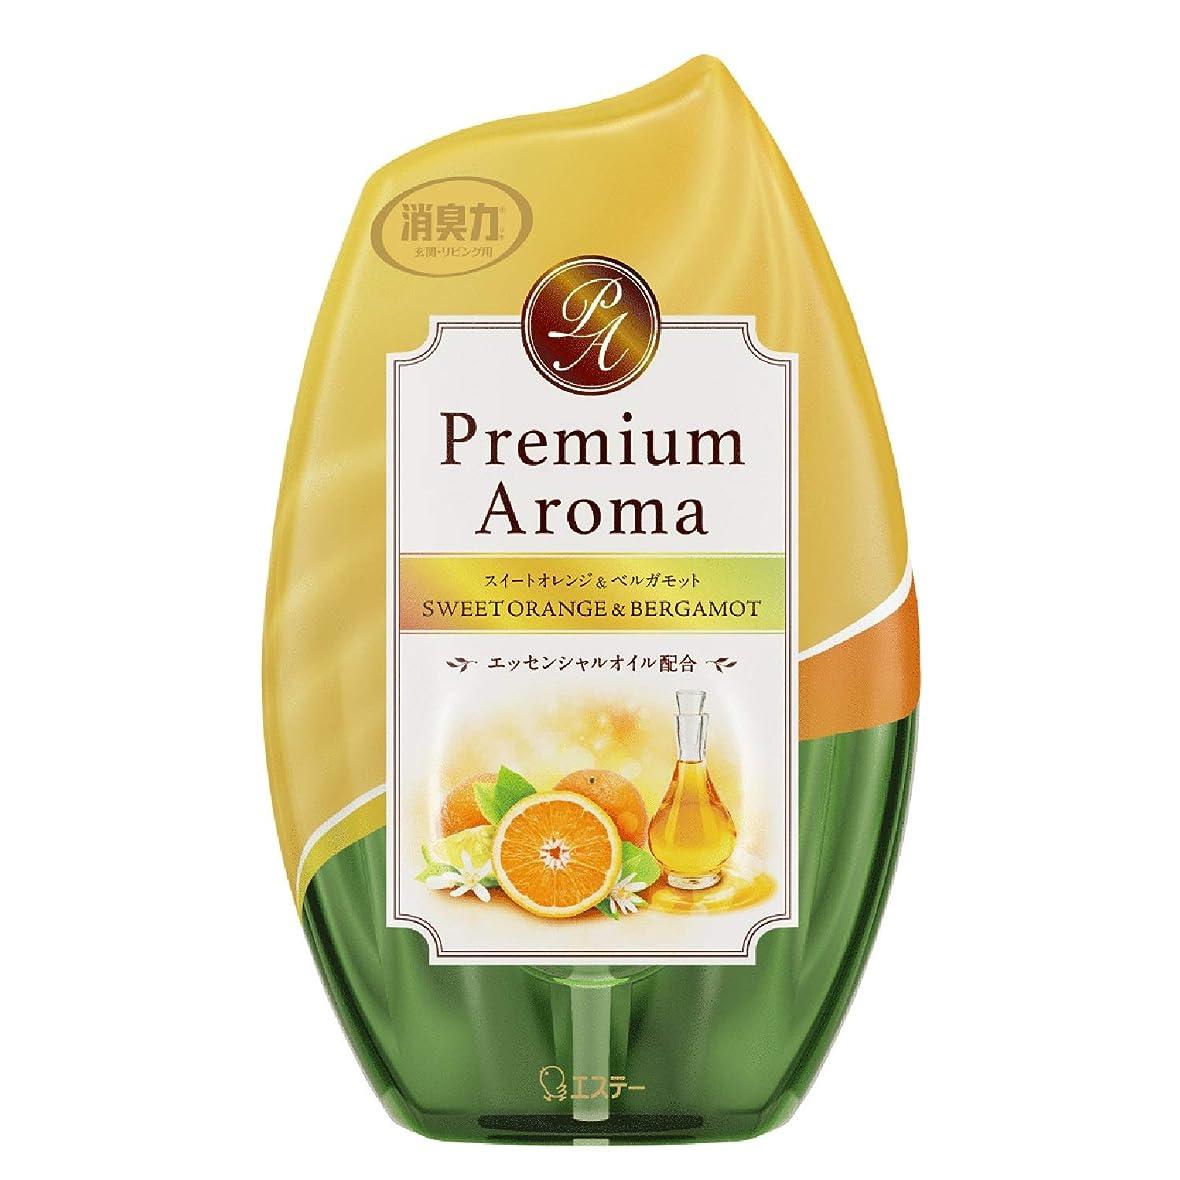 進捗証人生物学お部屋の消臭力 プレミアムアロマ Premium Aroma 消臭芳香剤 部屋用 部屋 スイートオレンジ&ベルガモットの香り 400ml